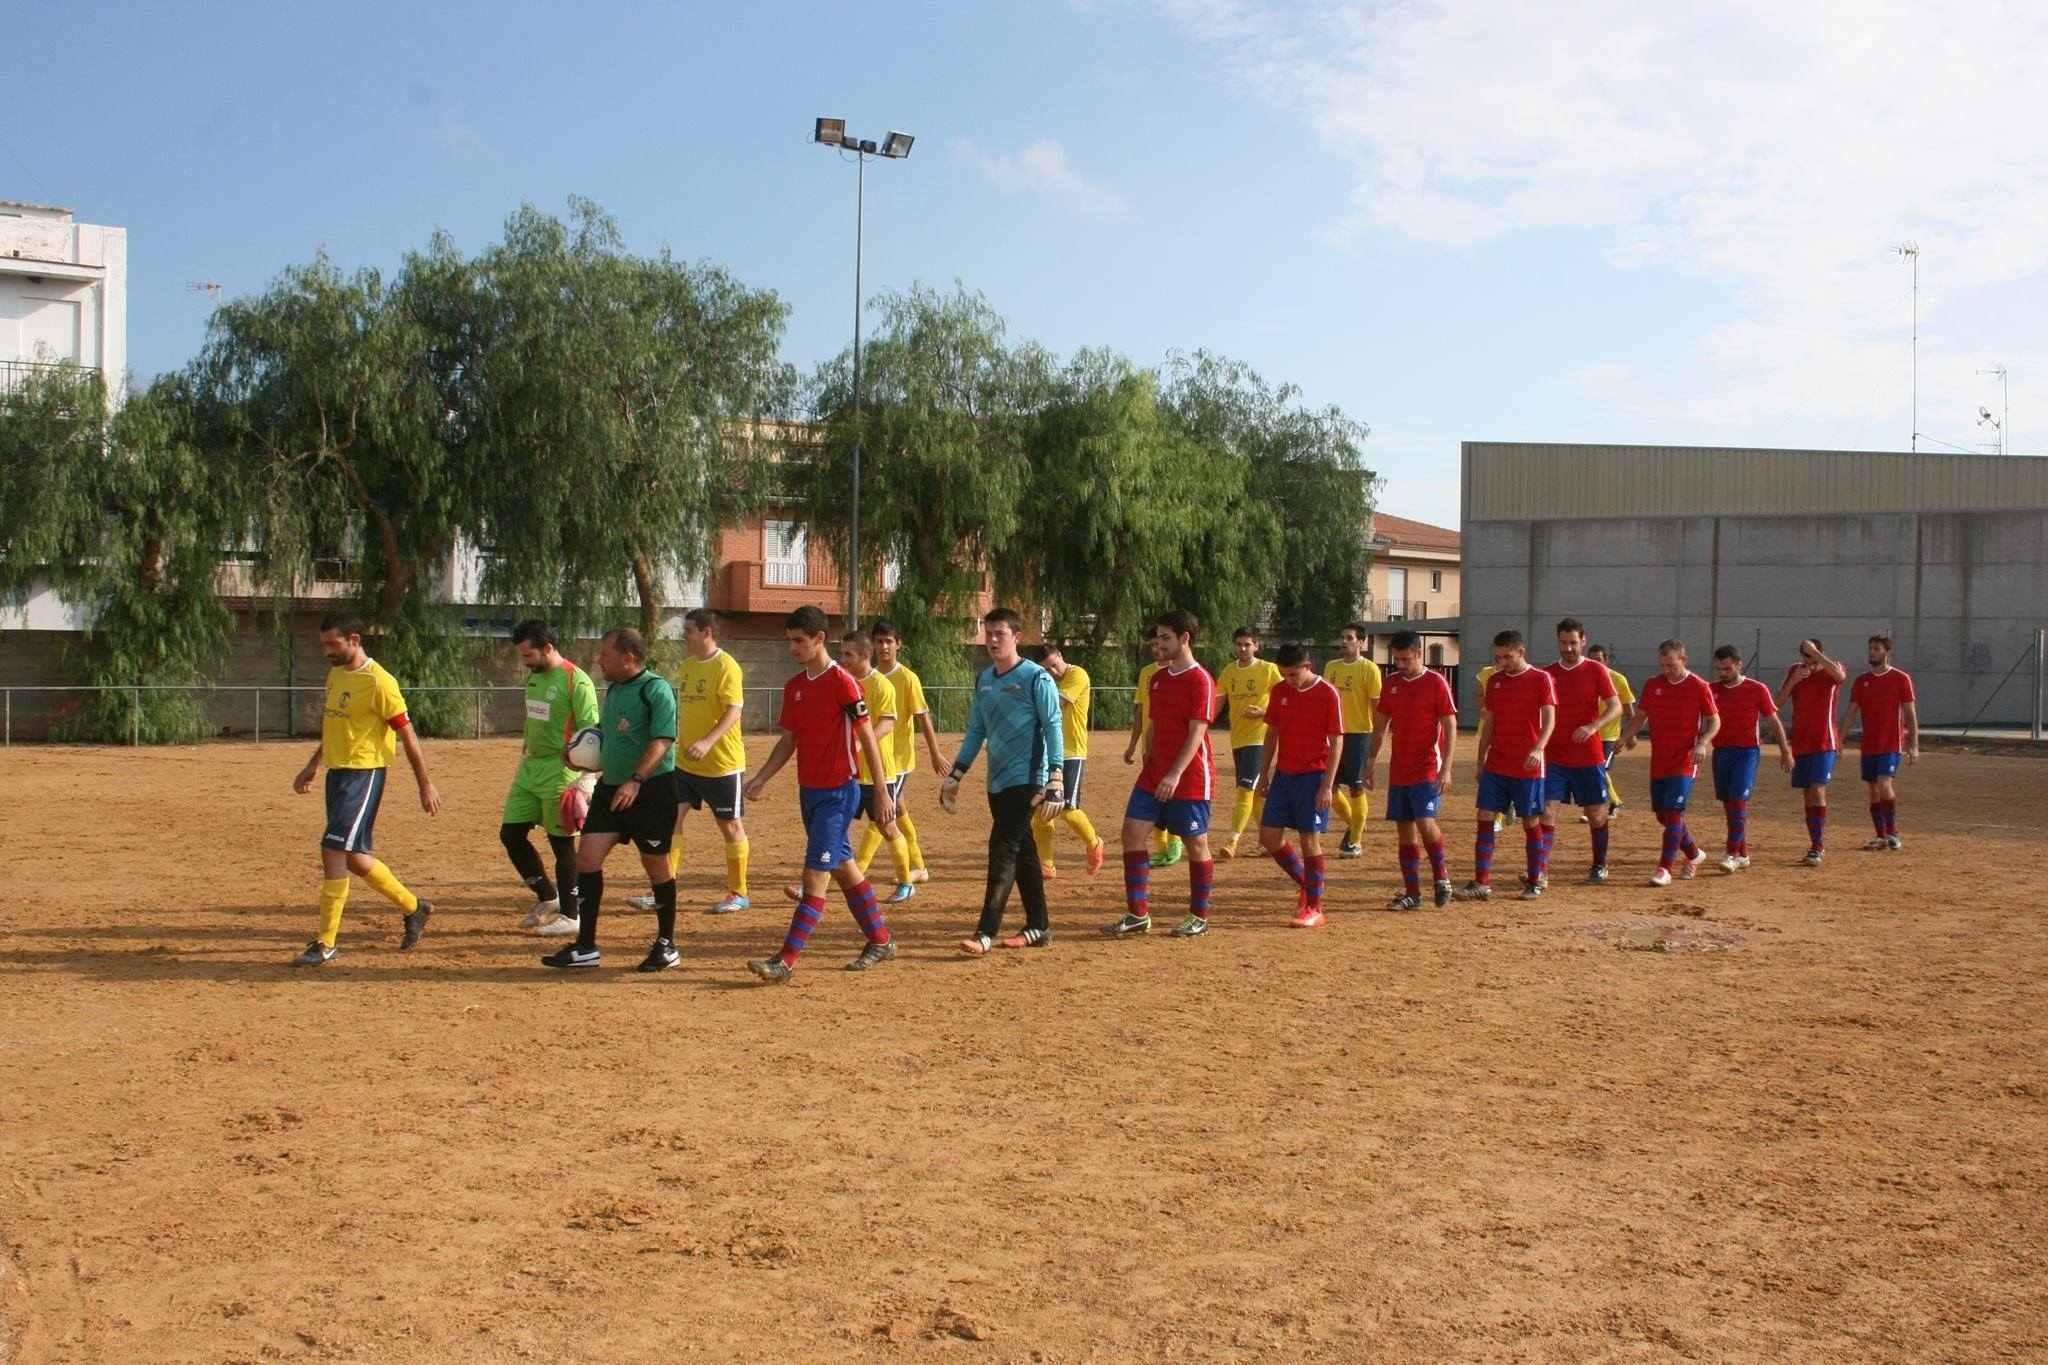 Club de Fútbol Atlétic Quart